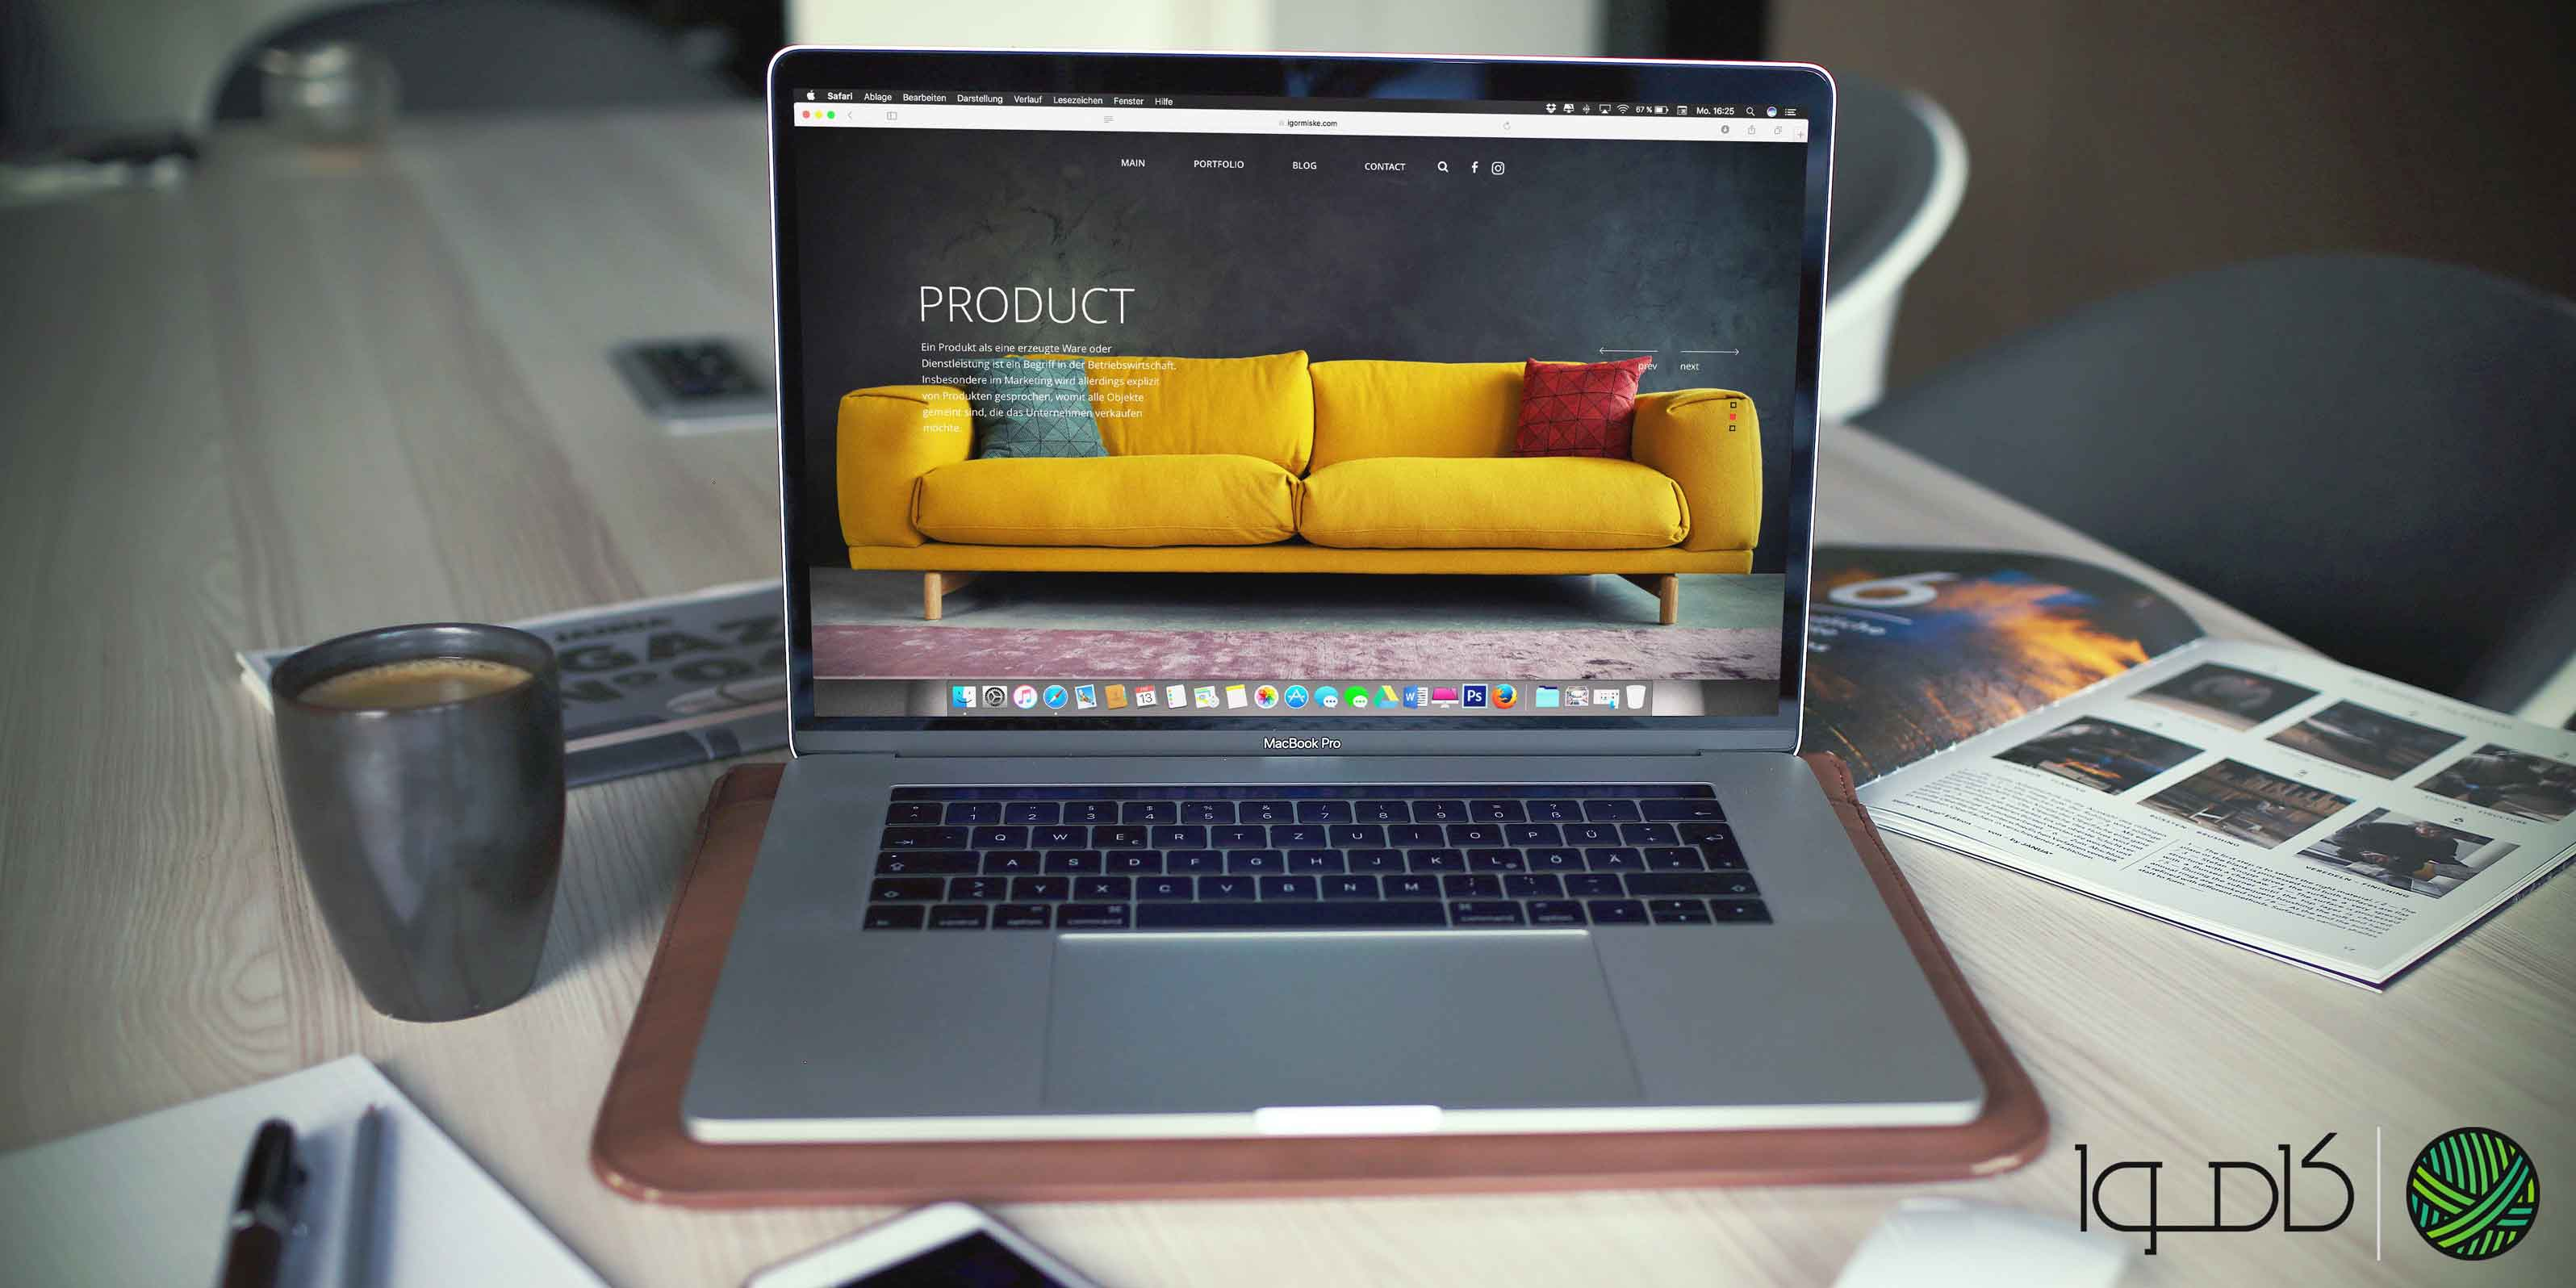 چگونه توضیحات خوب برای محصولات فروشگاه اینترنتی بنویسیم؟